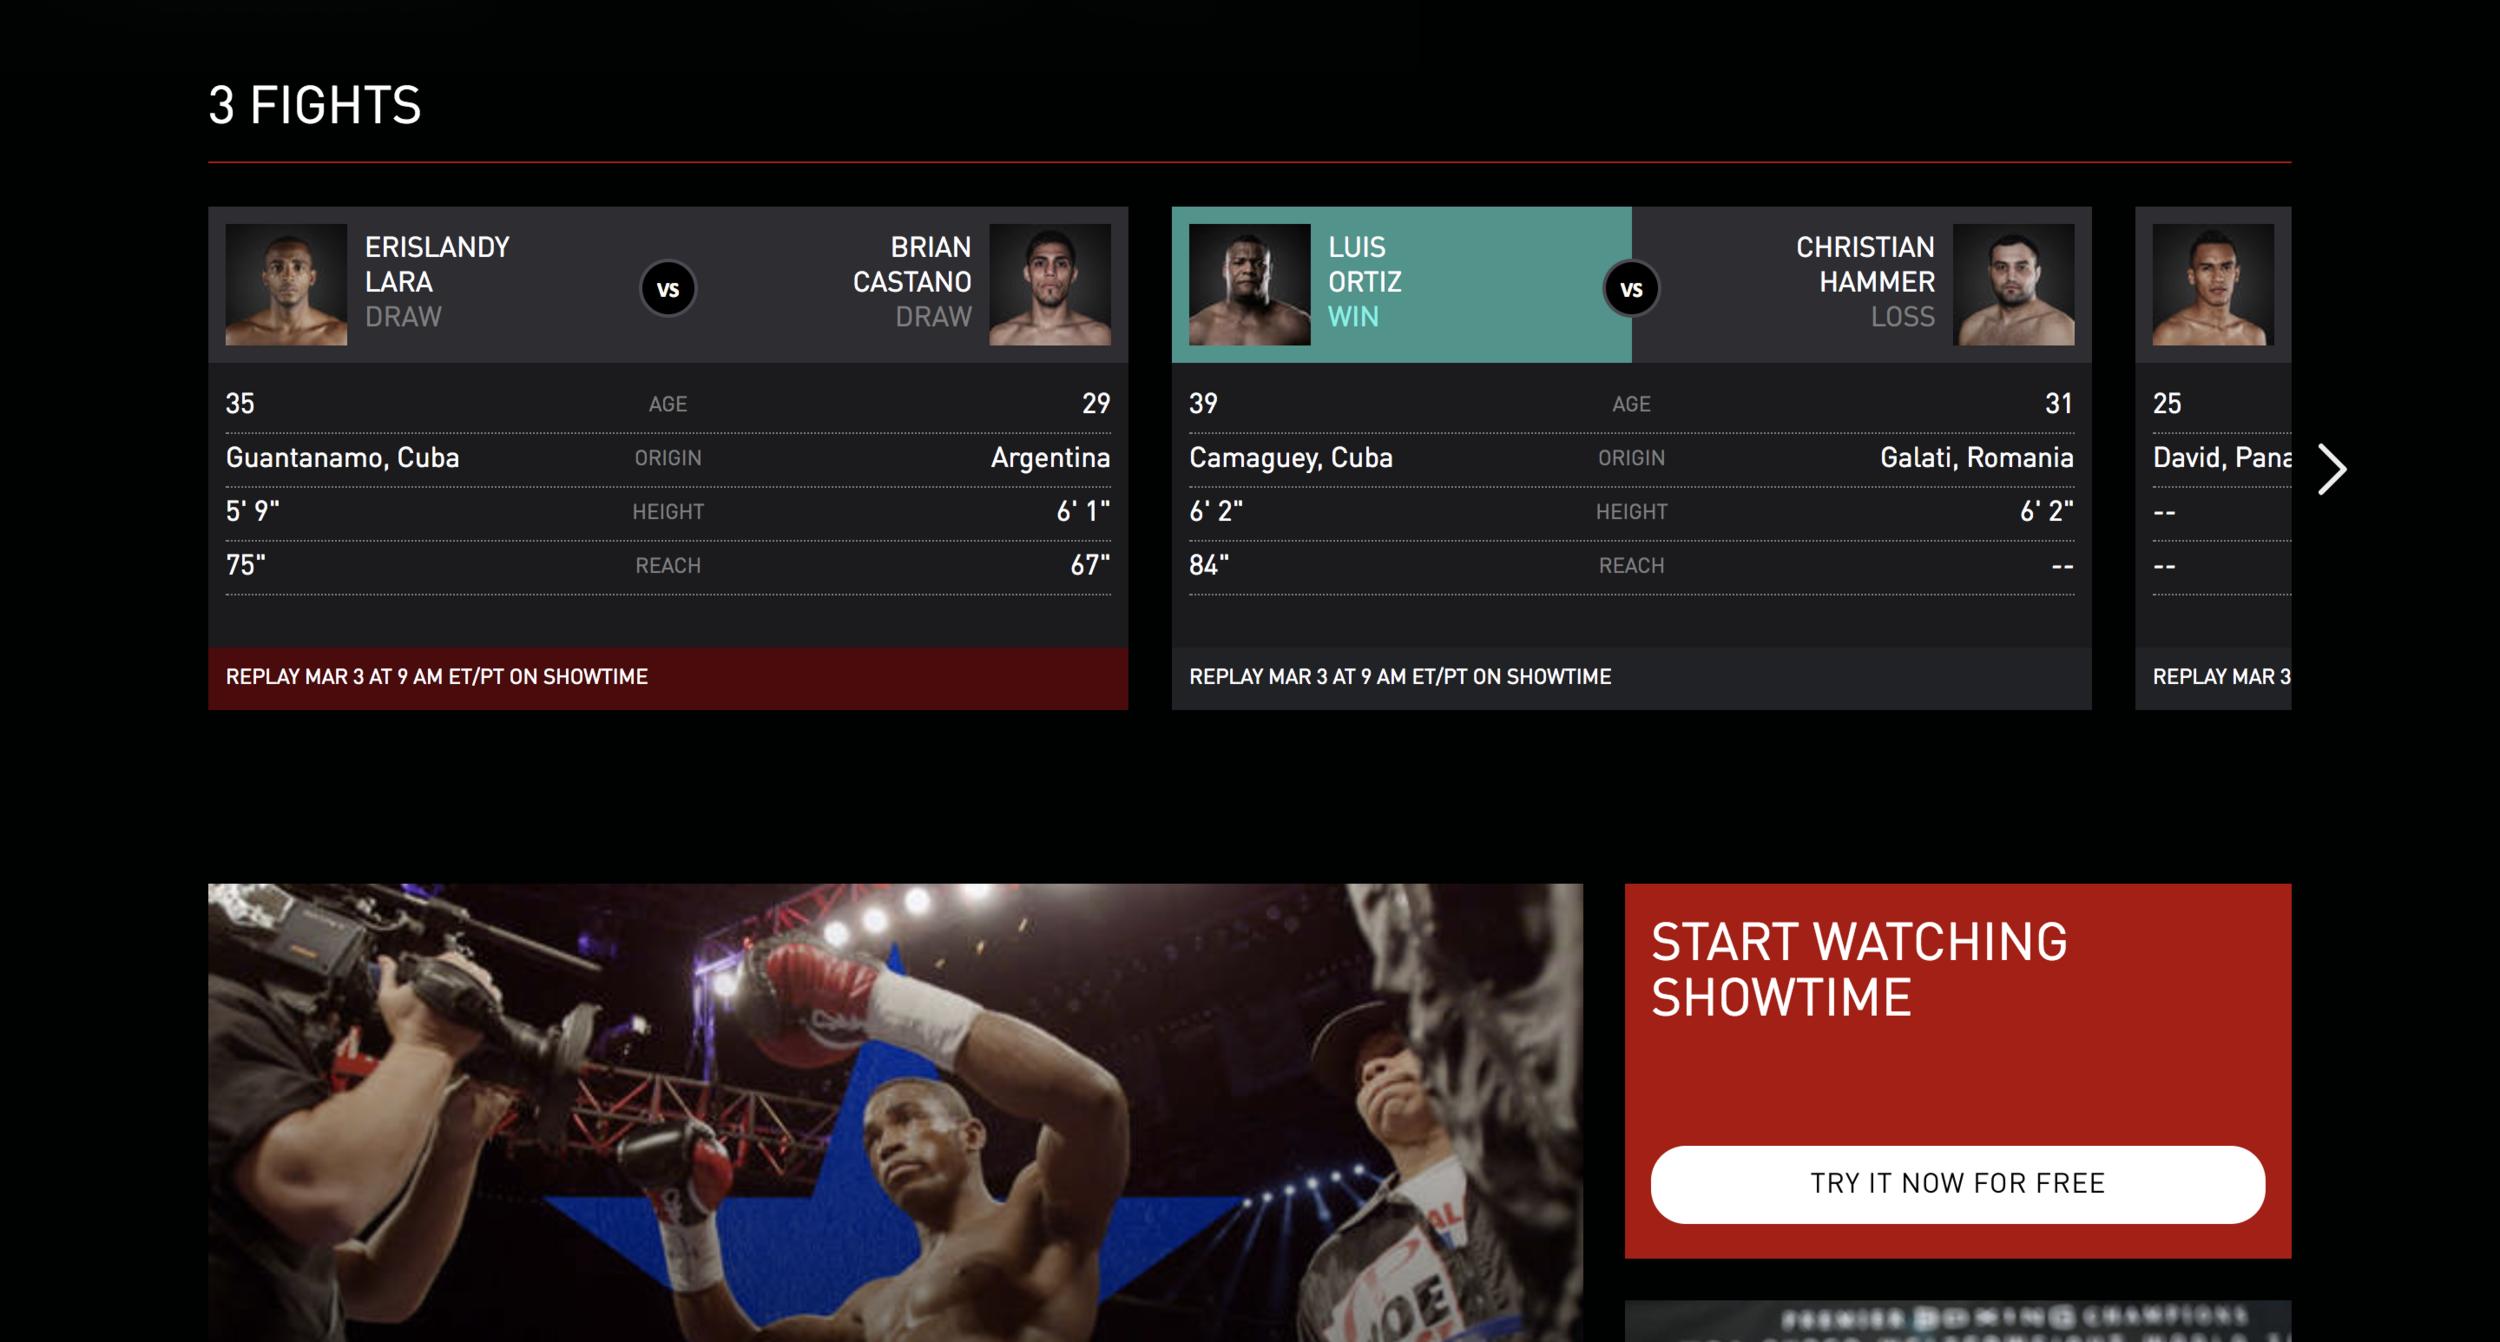 Screenshot of Lara vs. Castano page on Sho.com